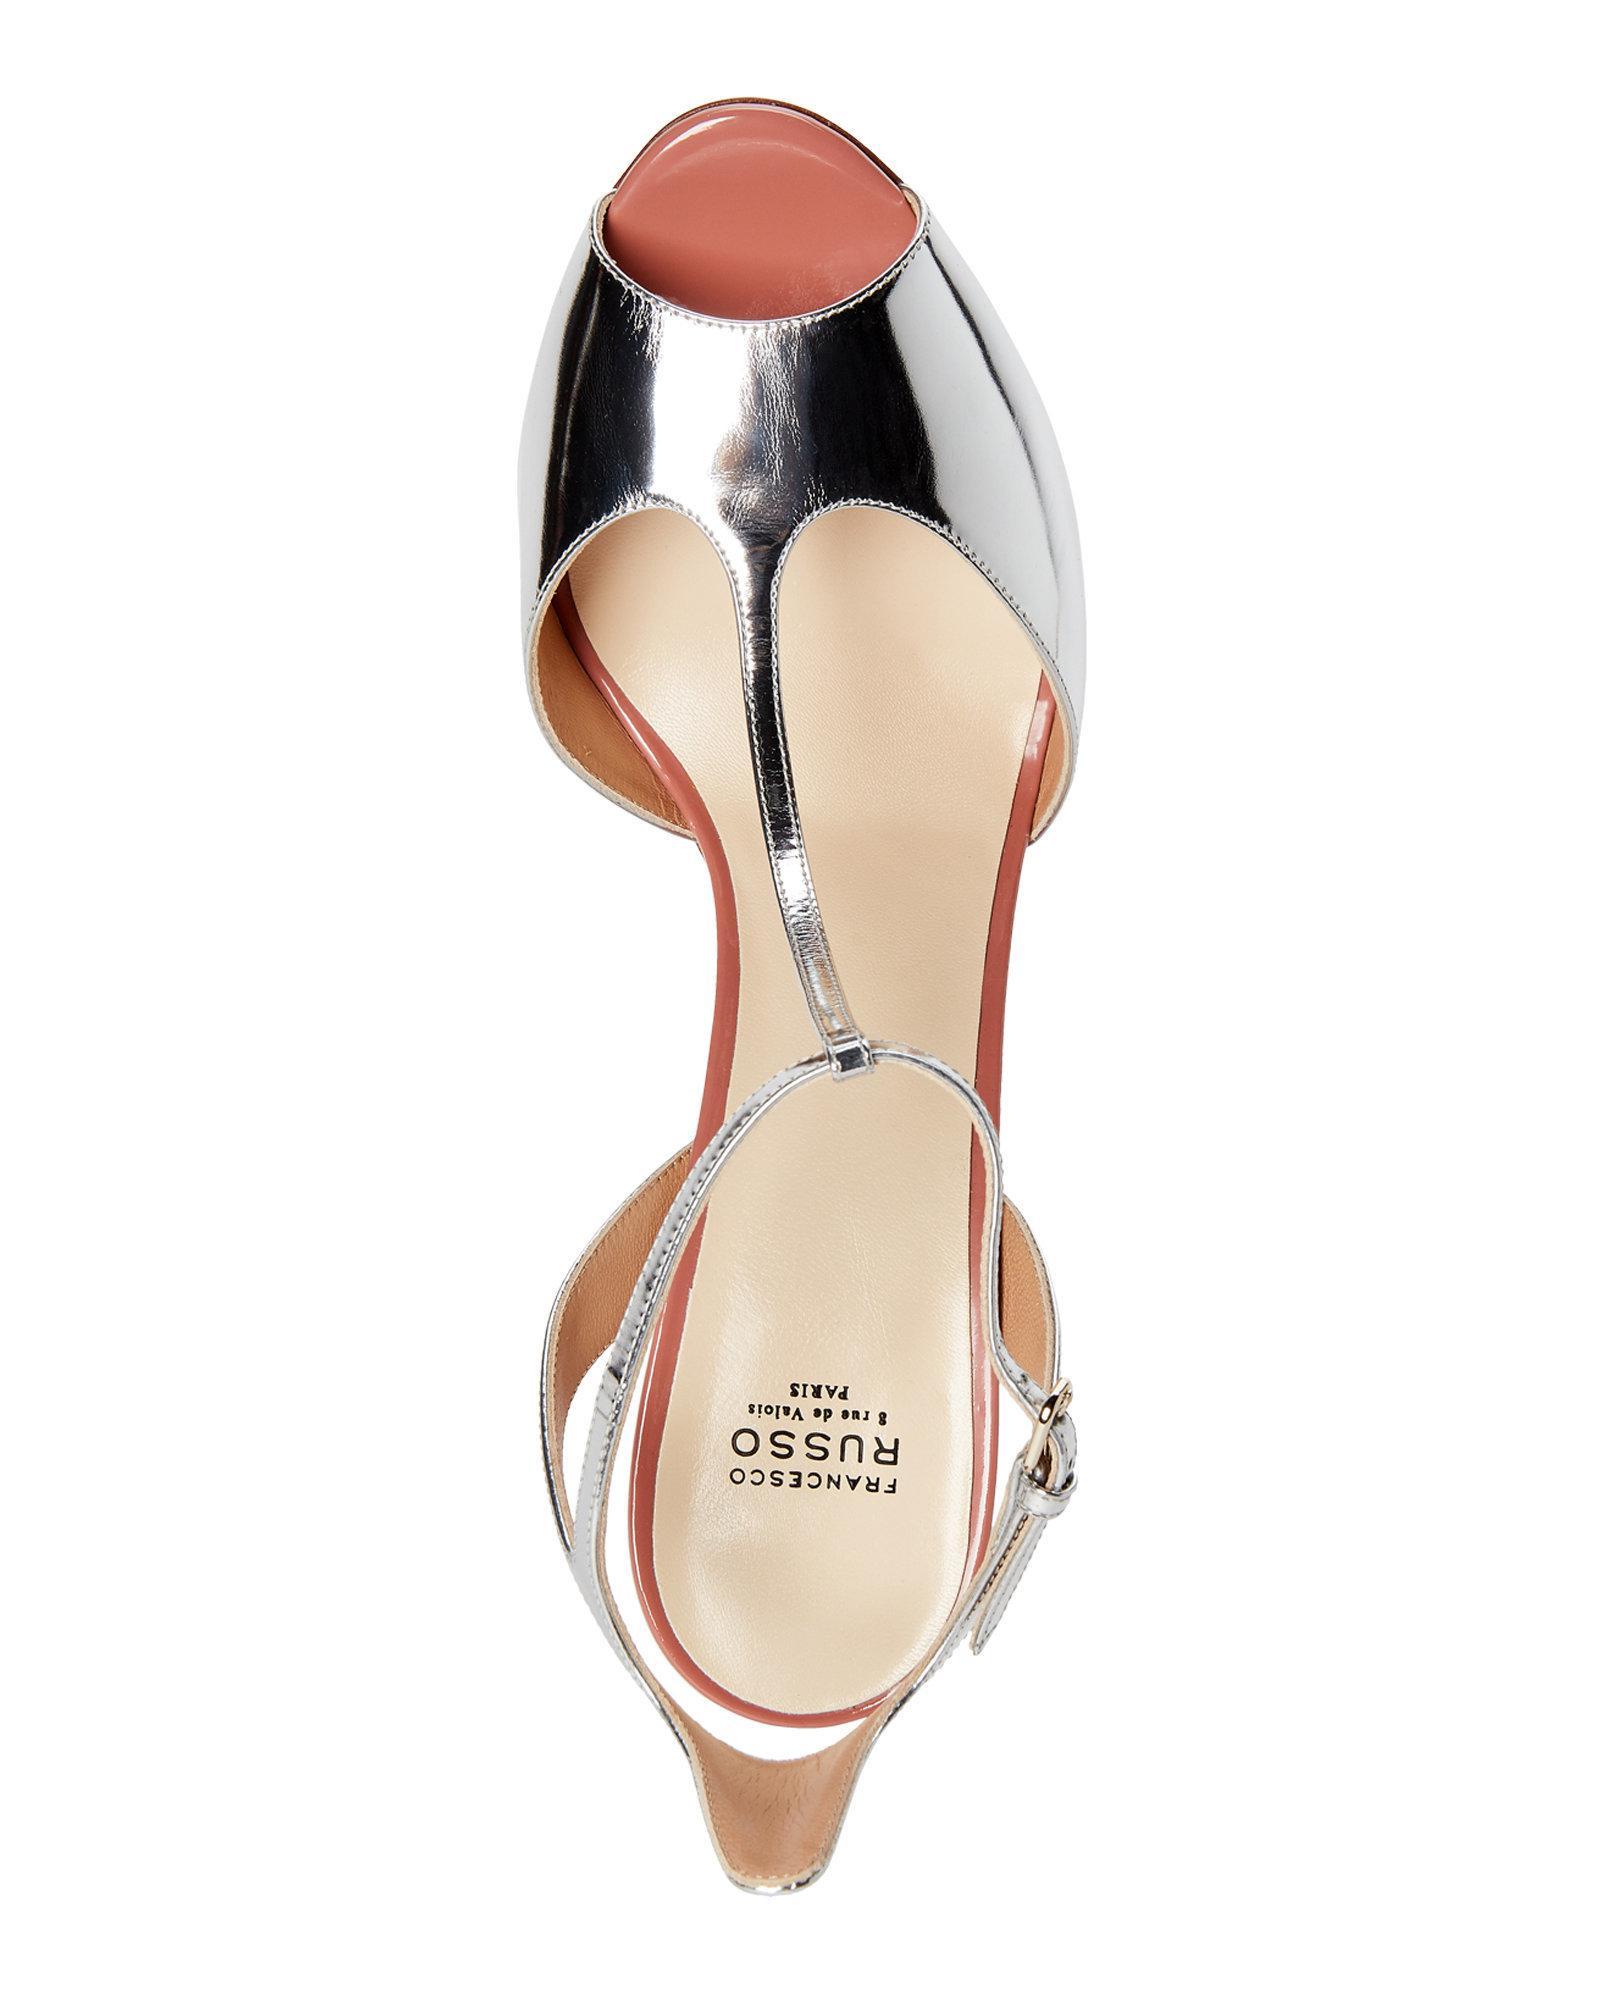 22550217cde Lyst - Francesco Russo Silver T-strap Peep Toe Pumps in Metallic